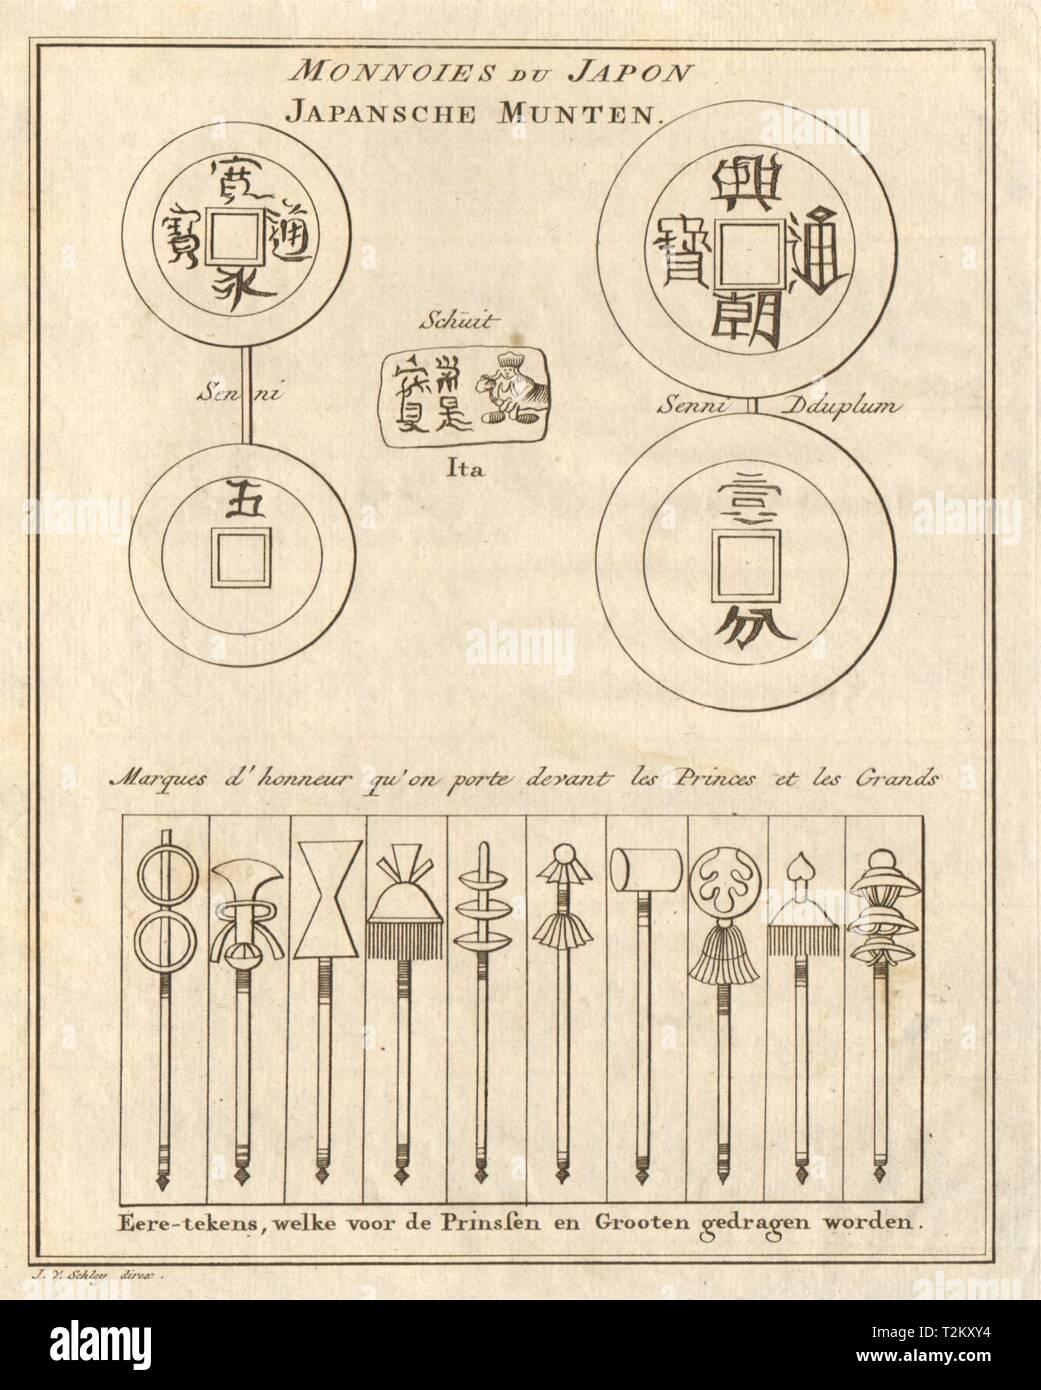 Monnoies du Japon Marques d'honneur Japanese coins Badges of honour SCHLEY 1756 - Stock Image